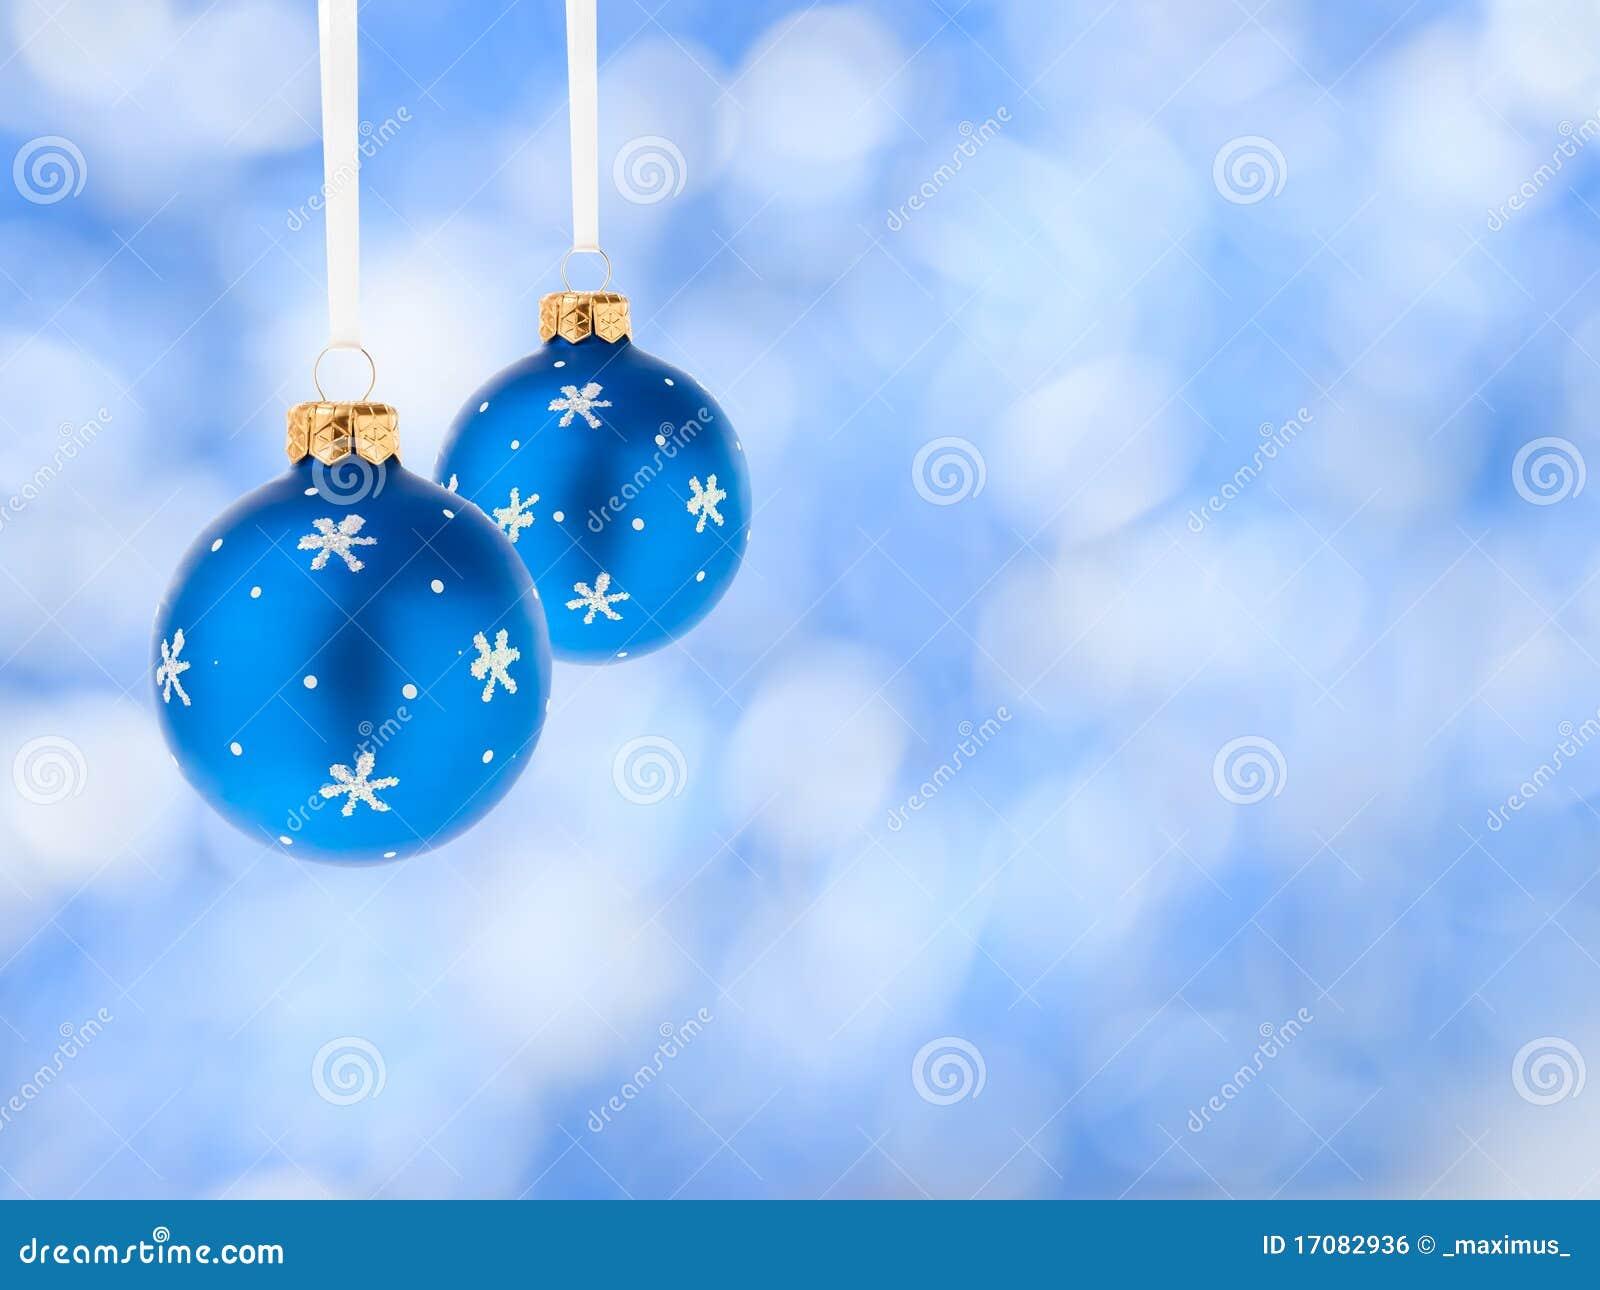 Weihnachtsdekoration-Blaukugeln